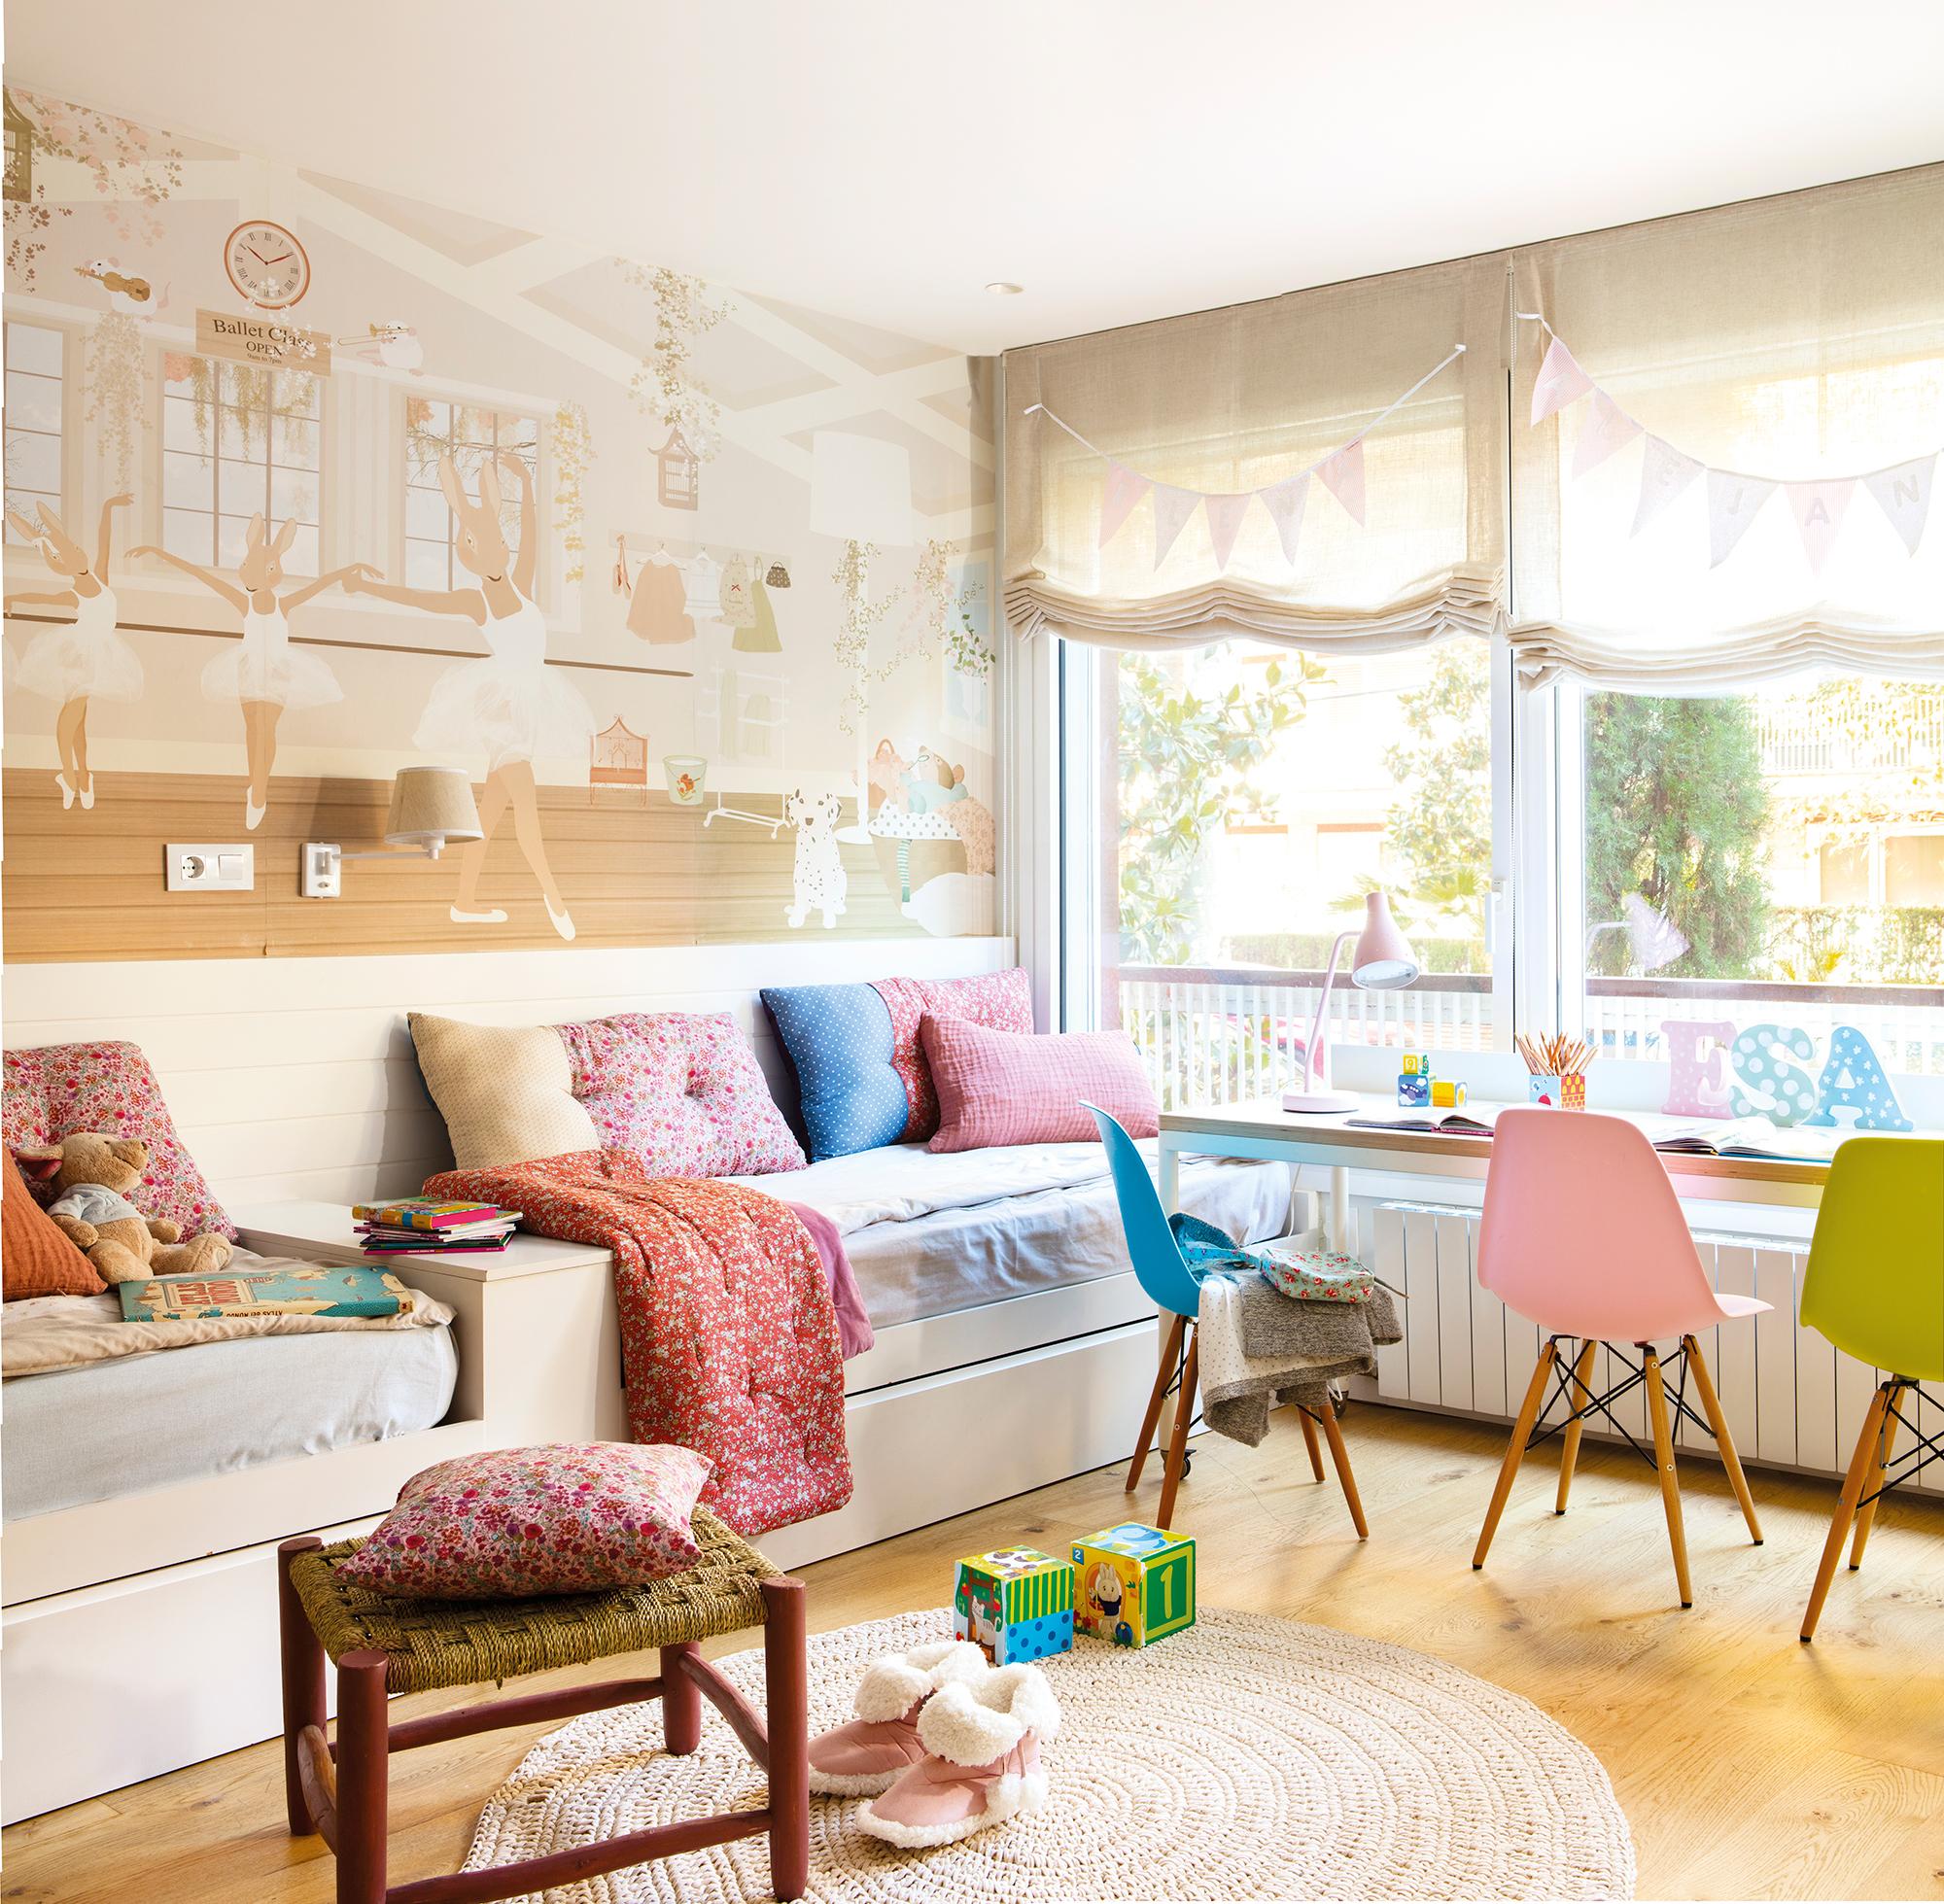 Decora la habitaci n infantil con papel pintado - Papel pintado para dormitorio ...